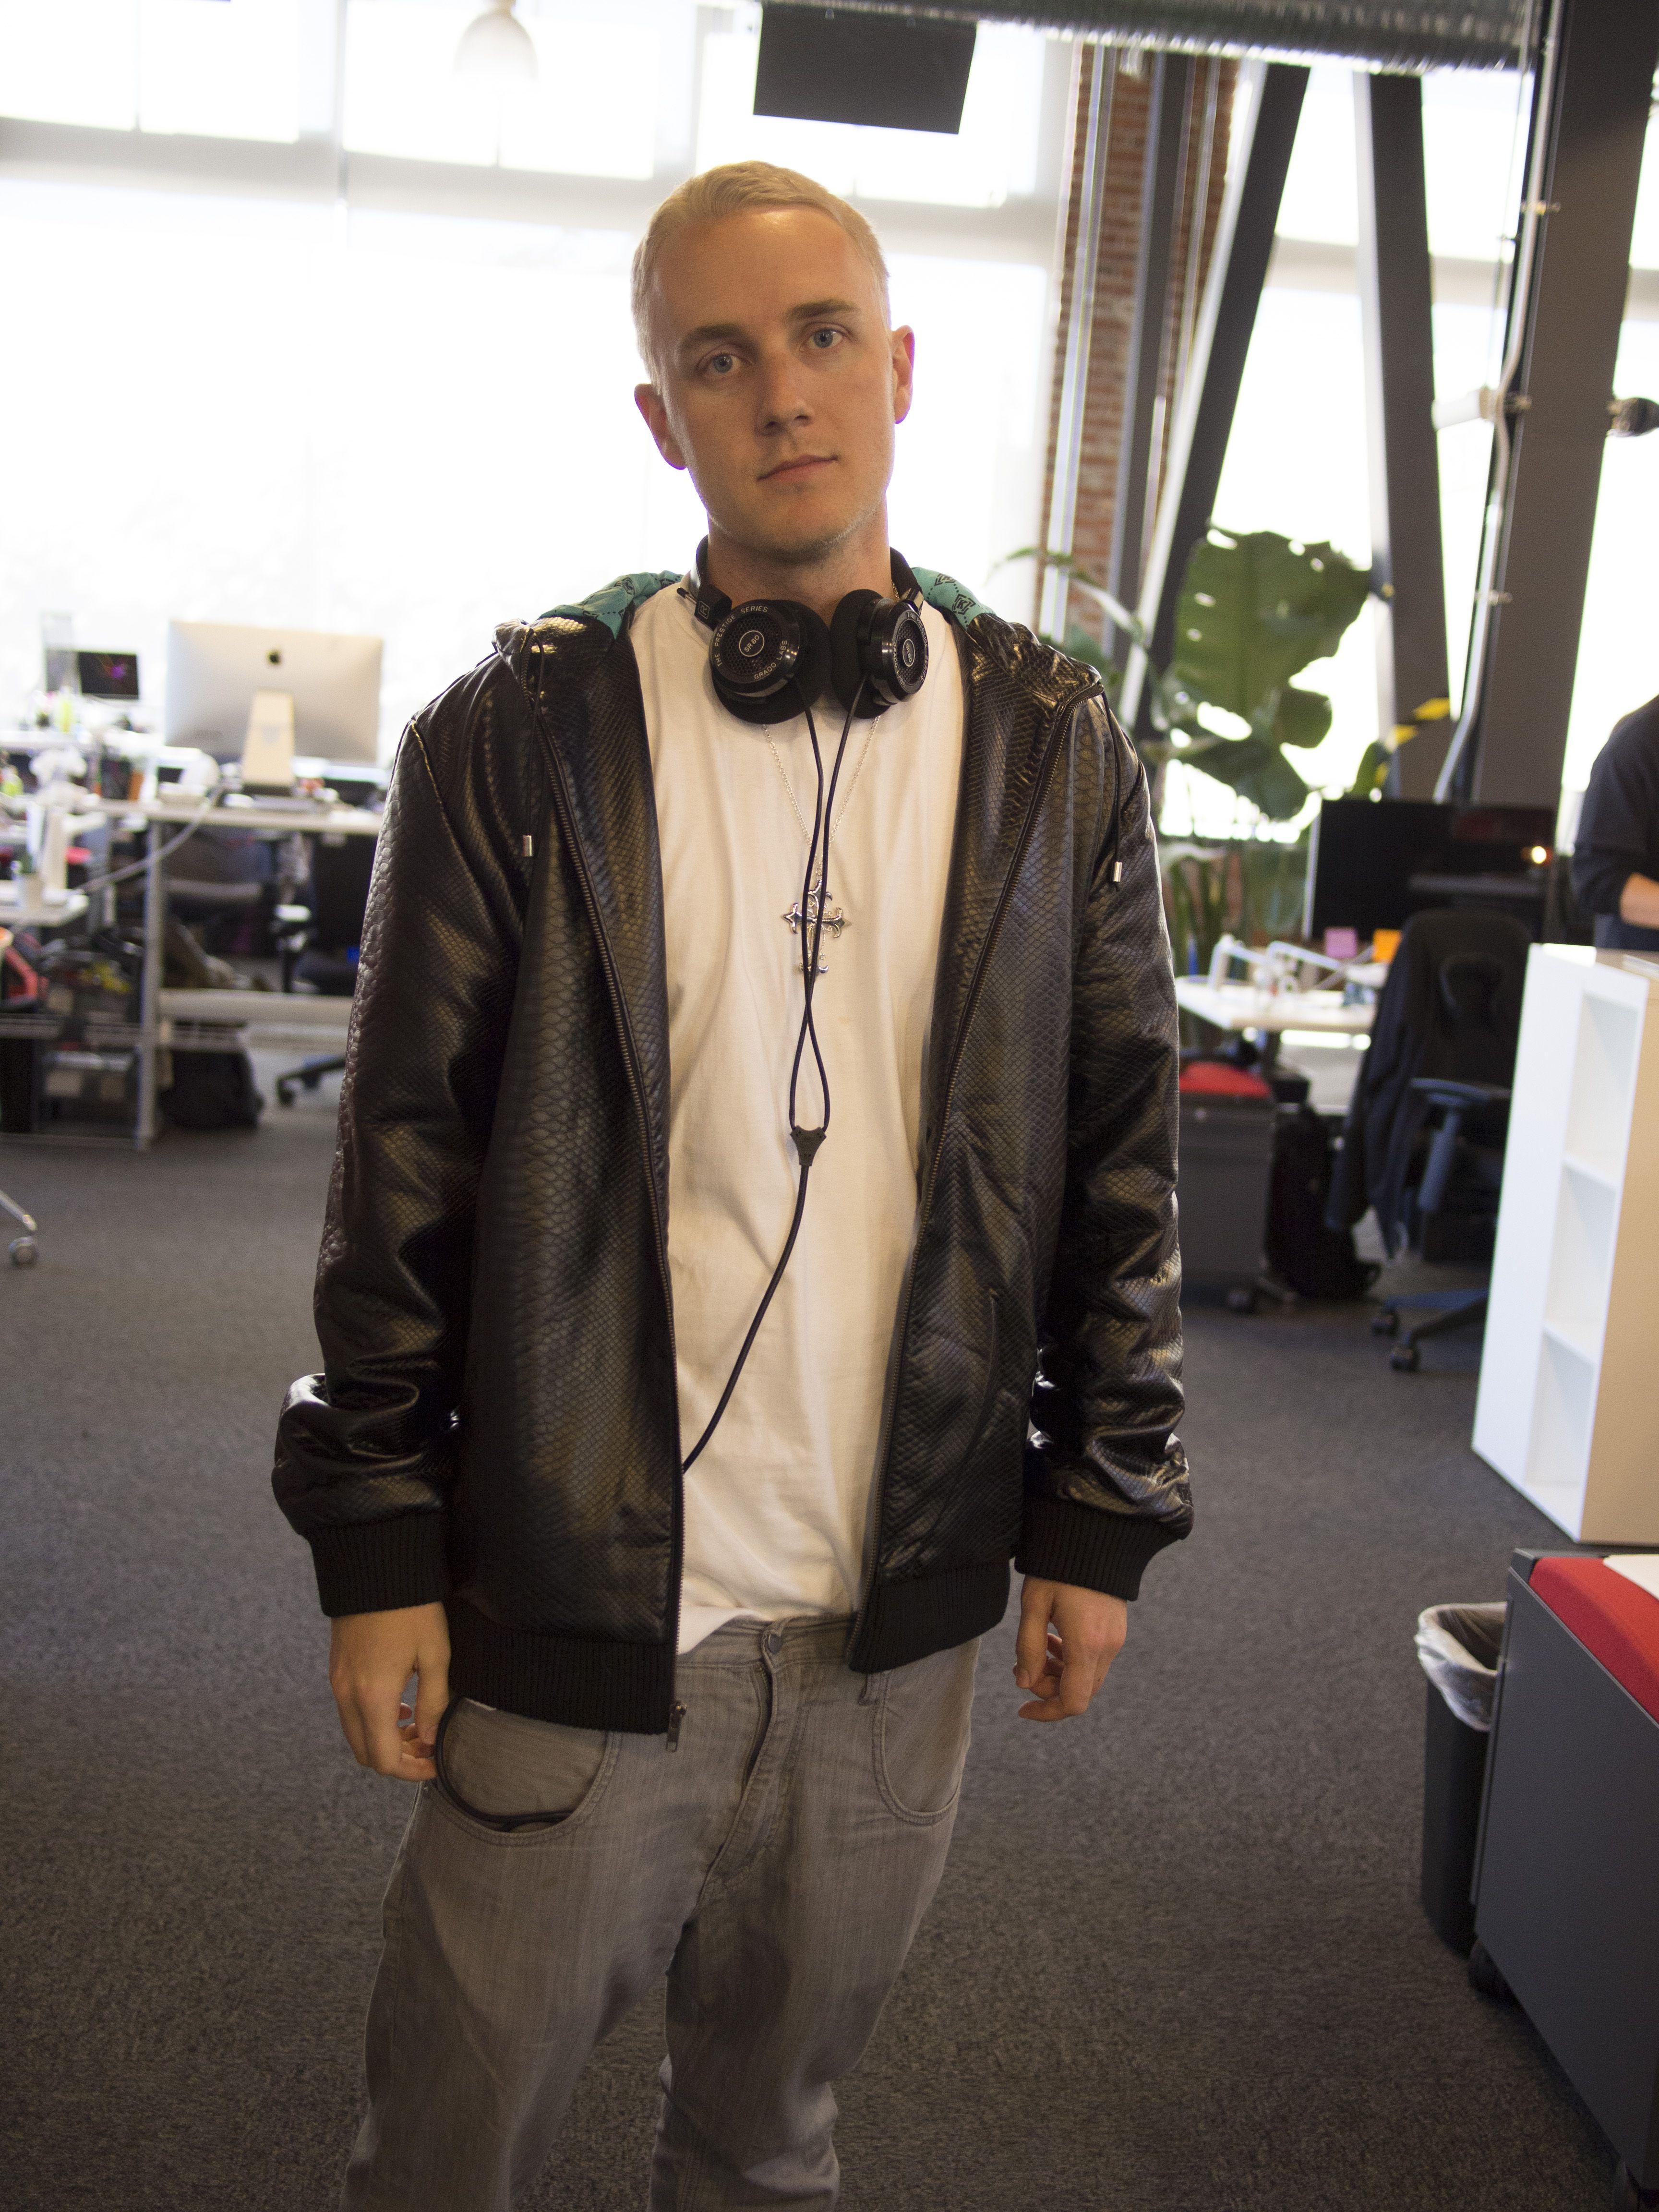 Eminem Halloween Costume : eminem, halloween, costume, Introducing, Guided, Search, Eminem,, Halloween, Costumes,, Shady